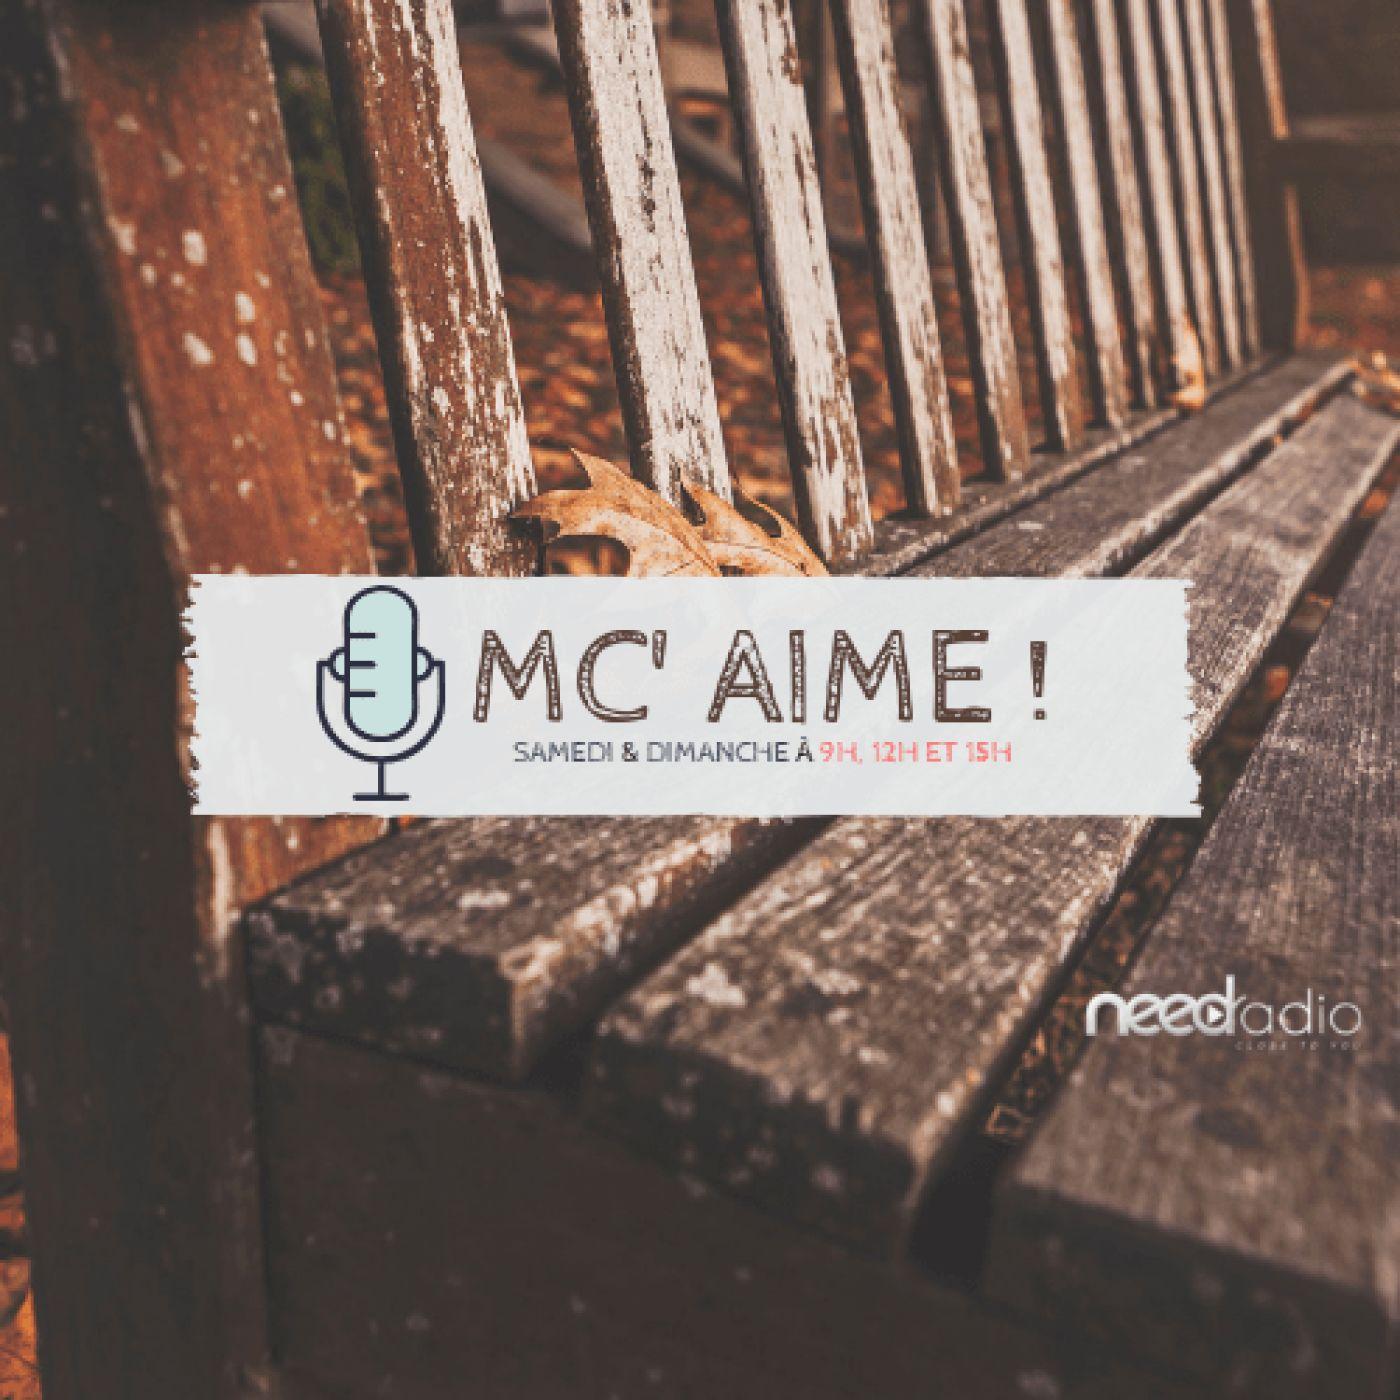 MC' Aime - L'ile aux enfants d'Ariane Bois (16/06/19)